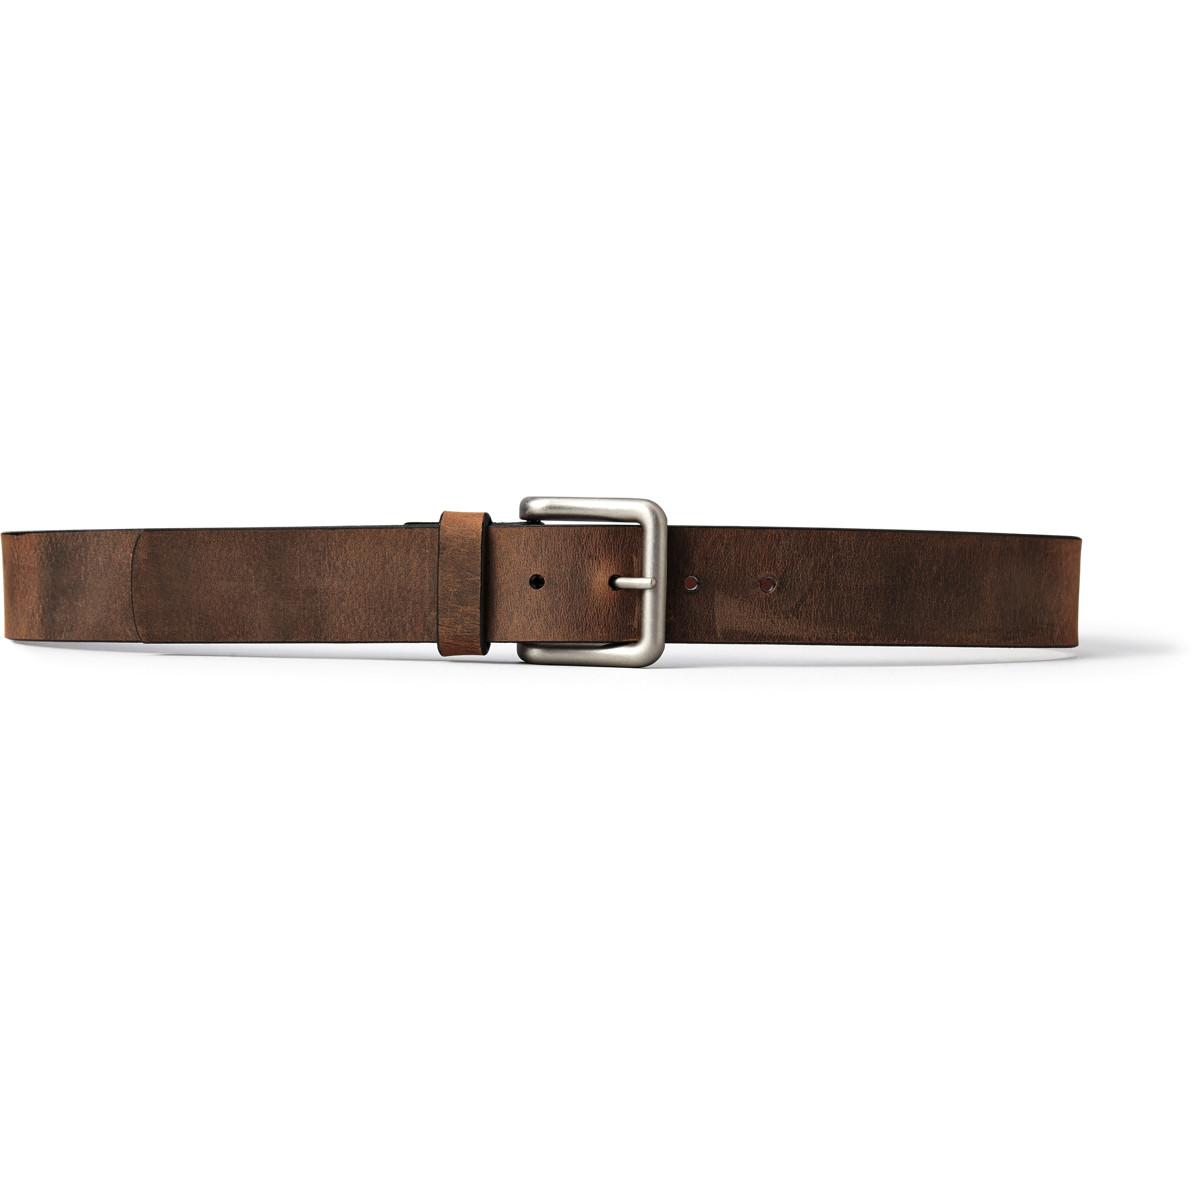 Danner Crazyhorse Pointer Belt - Brown w/ Nickel